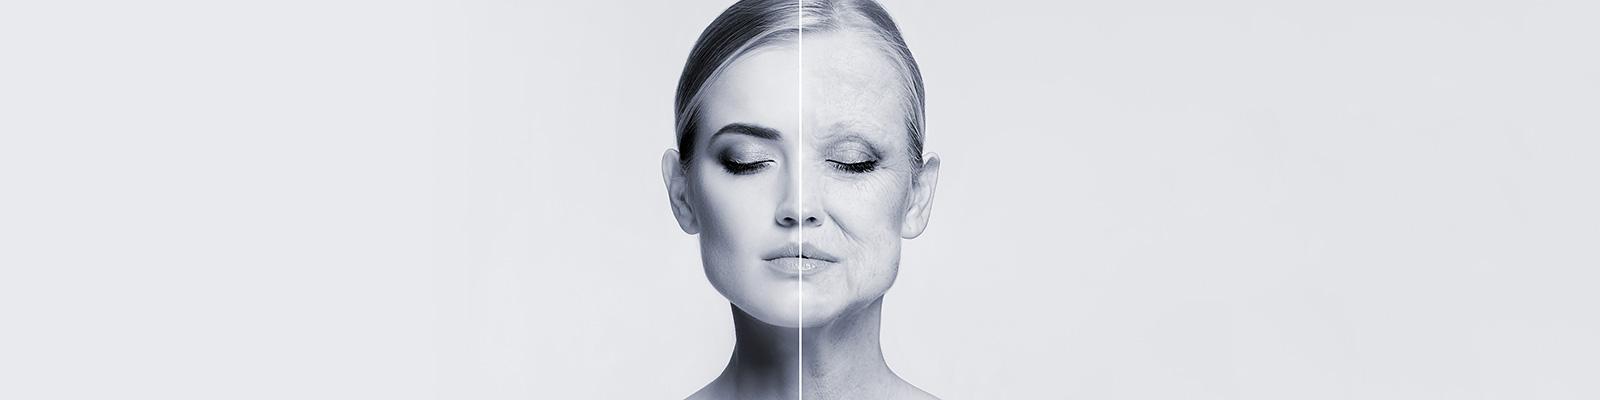 顔 老化 時間 イメージ